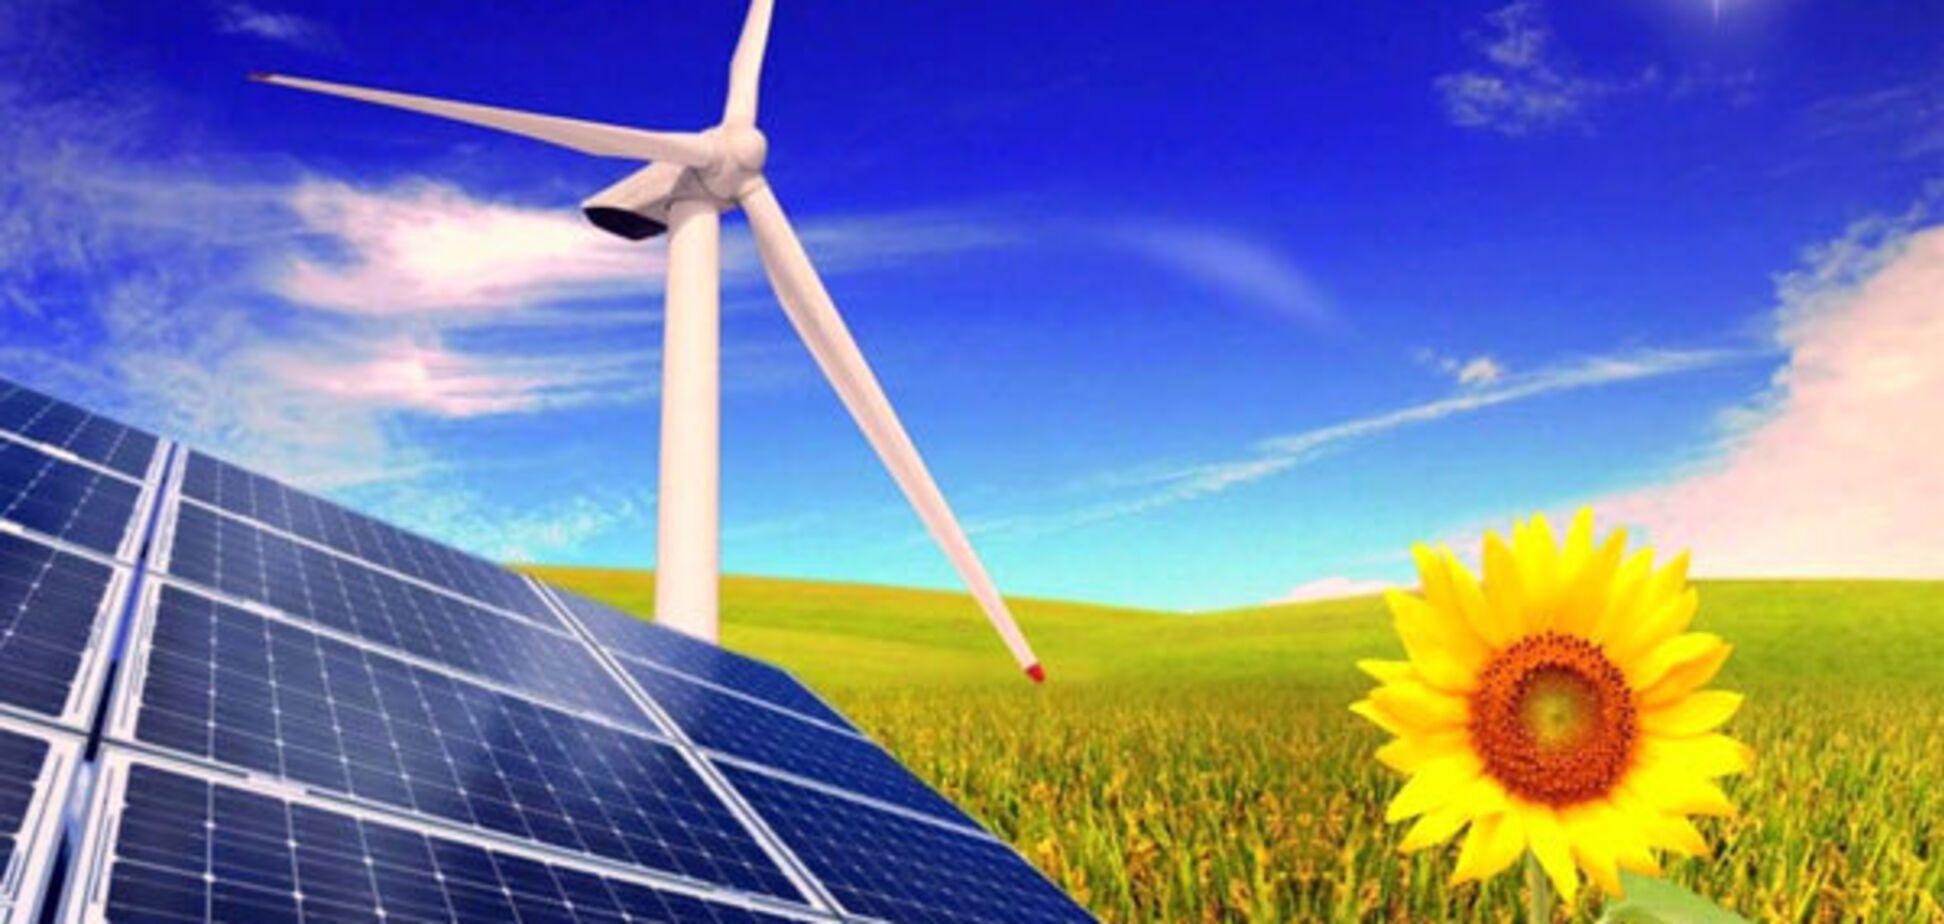 Отрасль ВИЭ может не пережить новый акциз на 'зеленую' энергию, – американская компания EUROCAPE